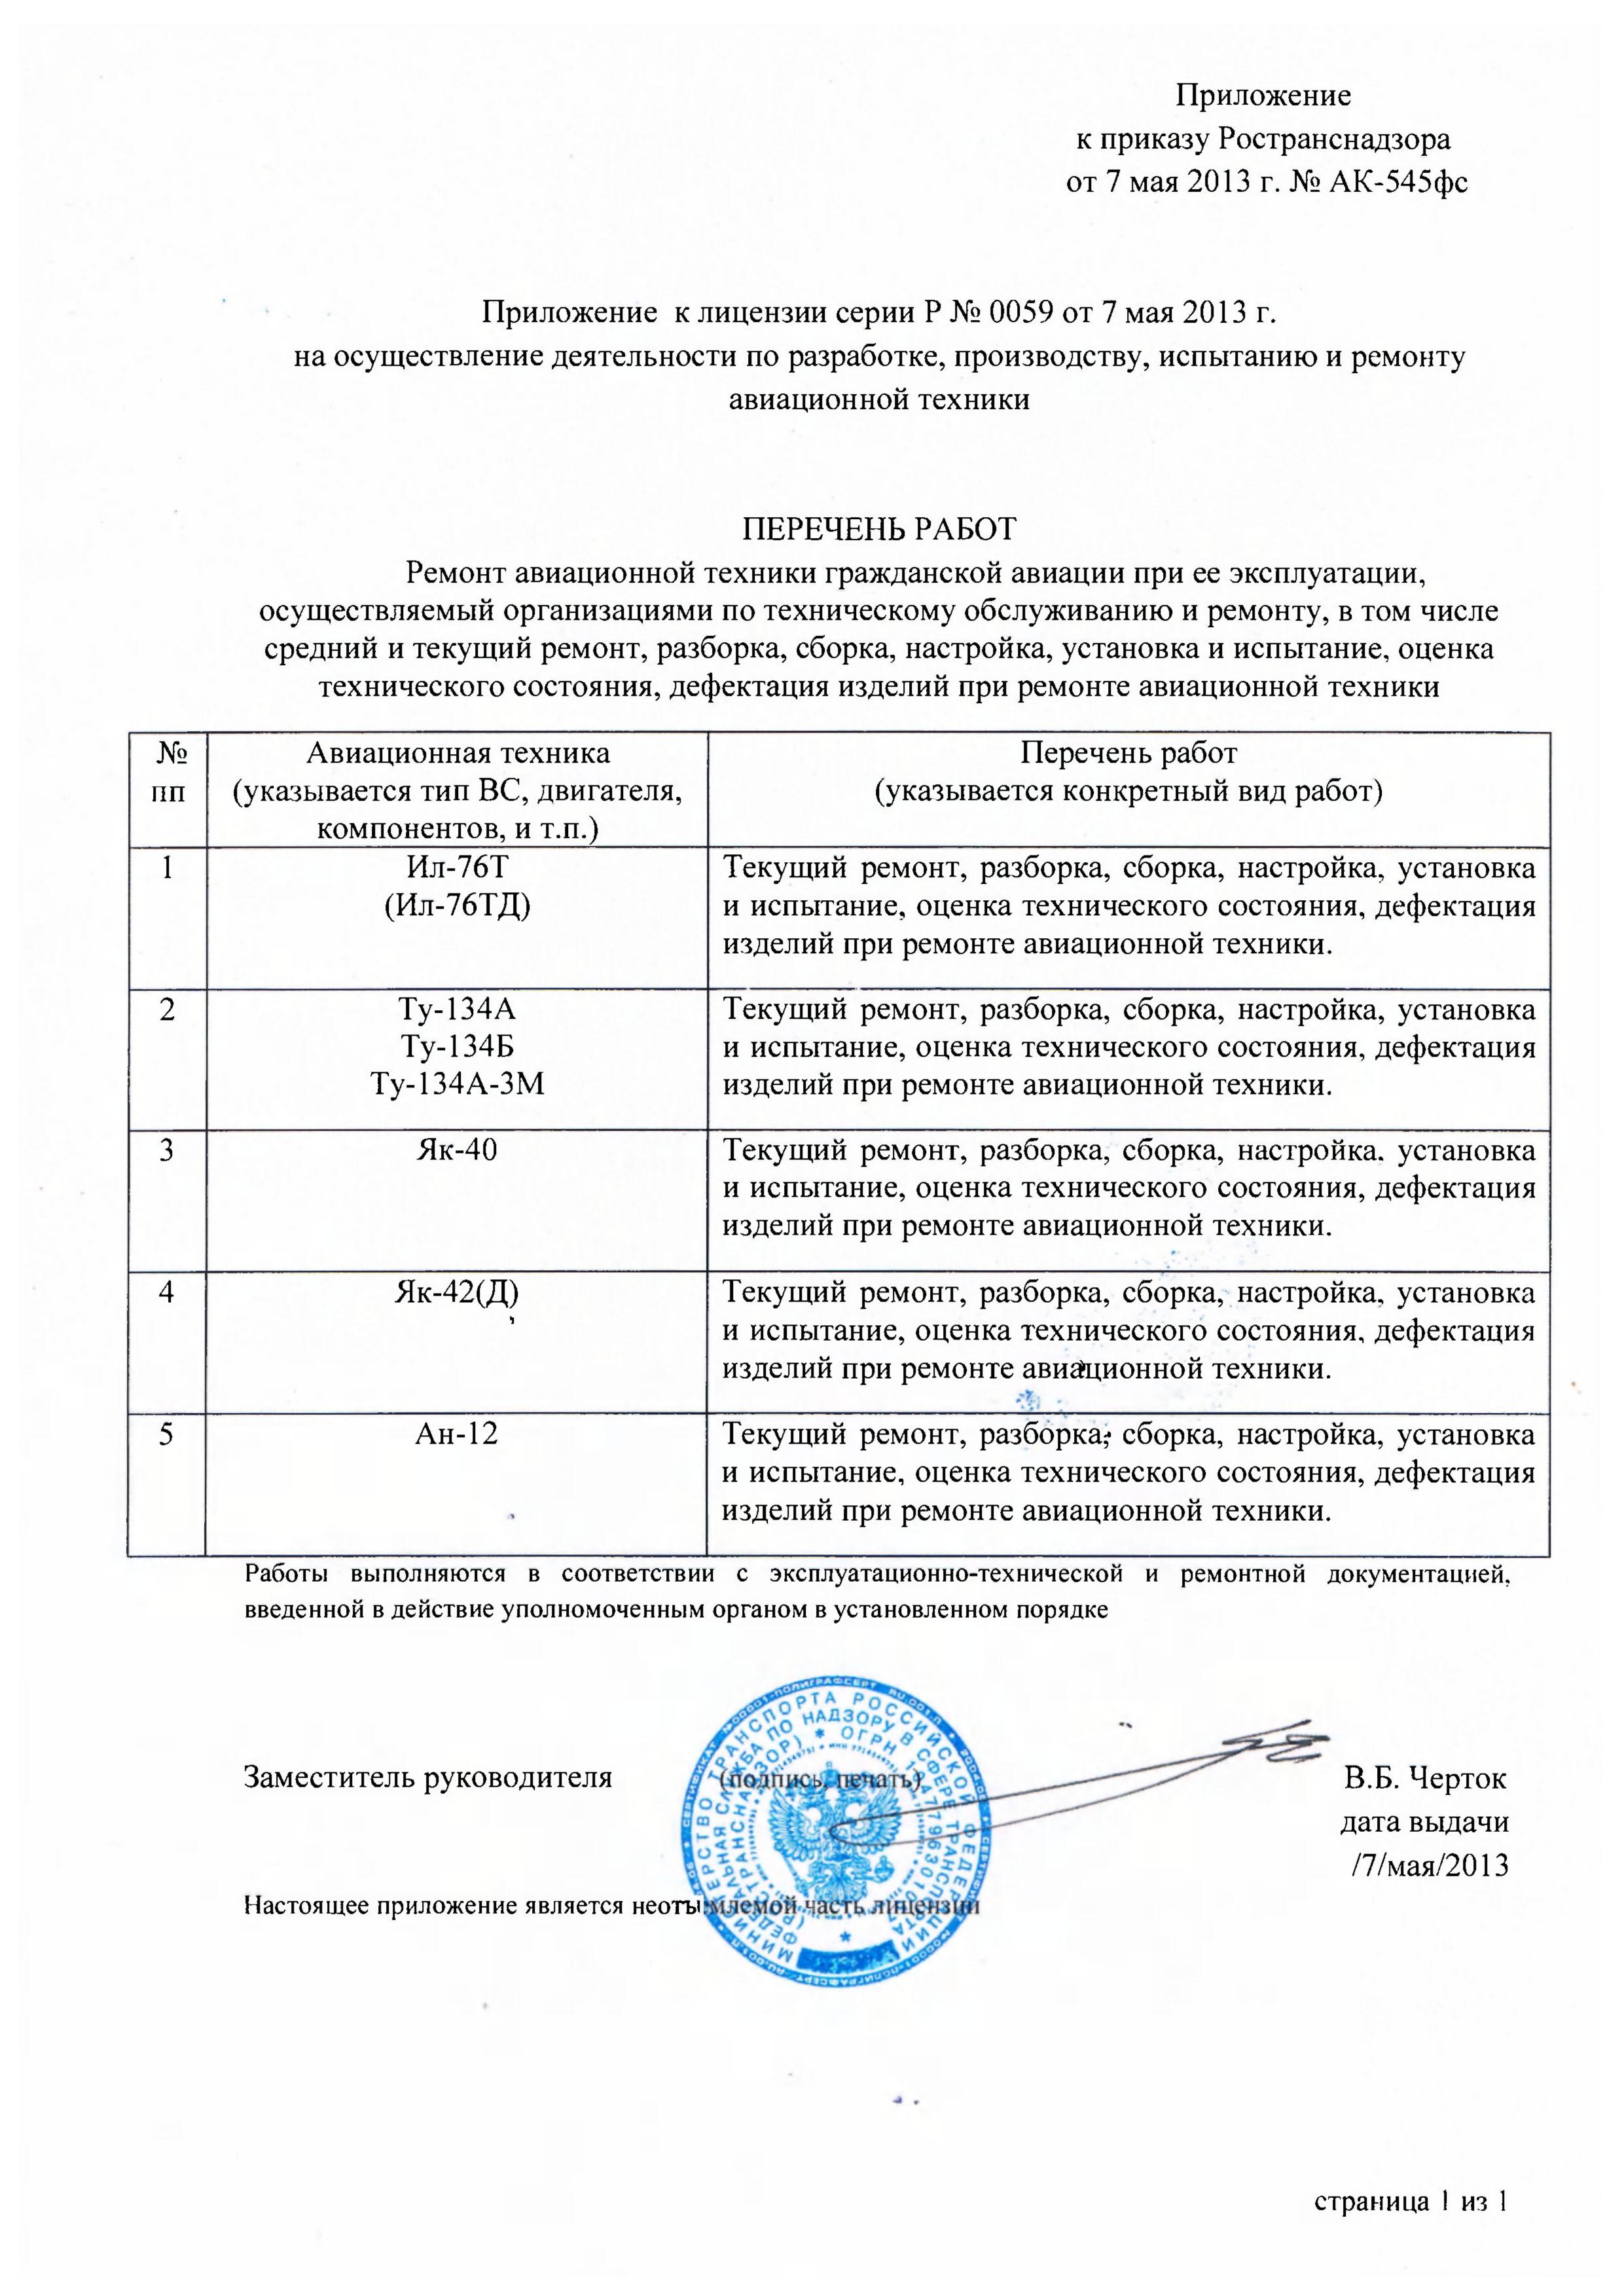 Лицензия Ространснадзора, стр.3